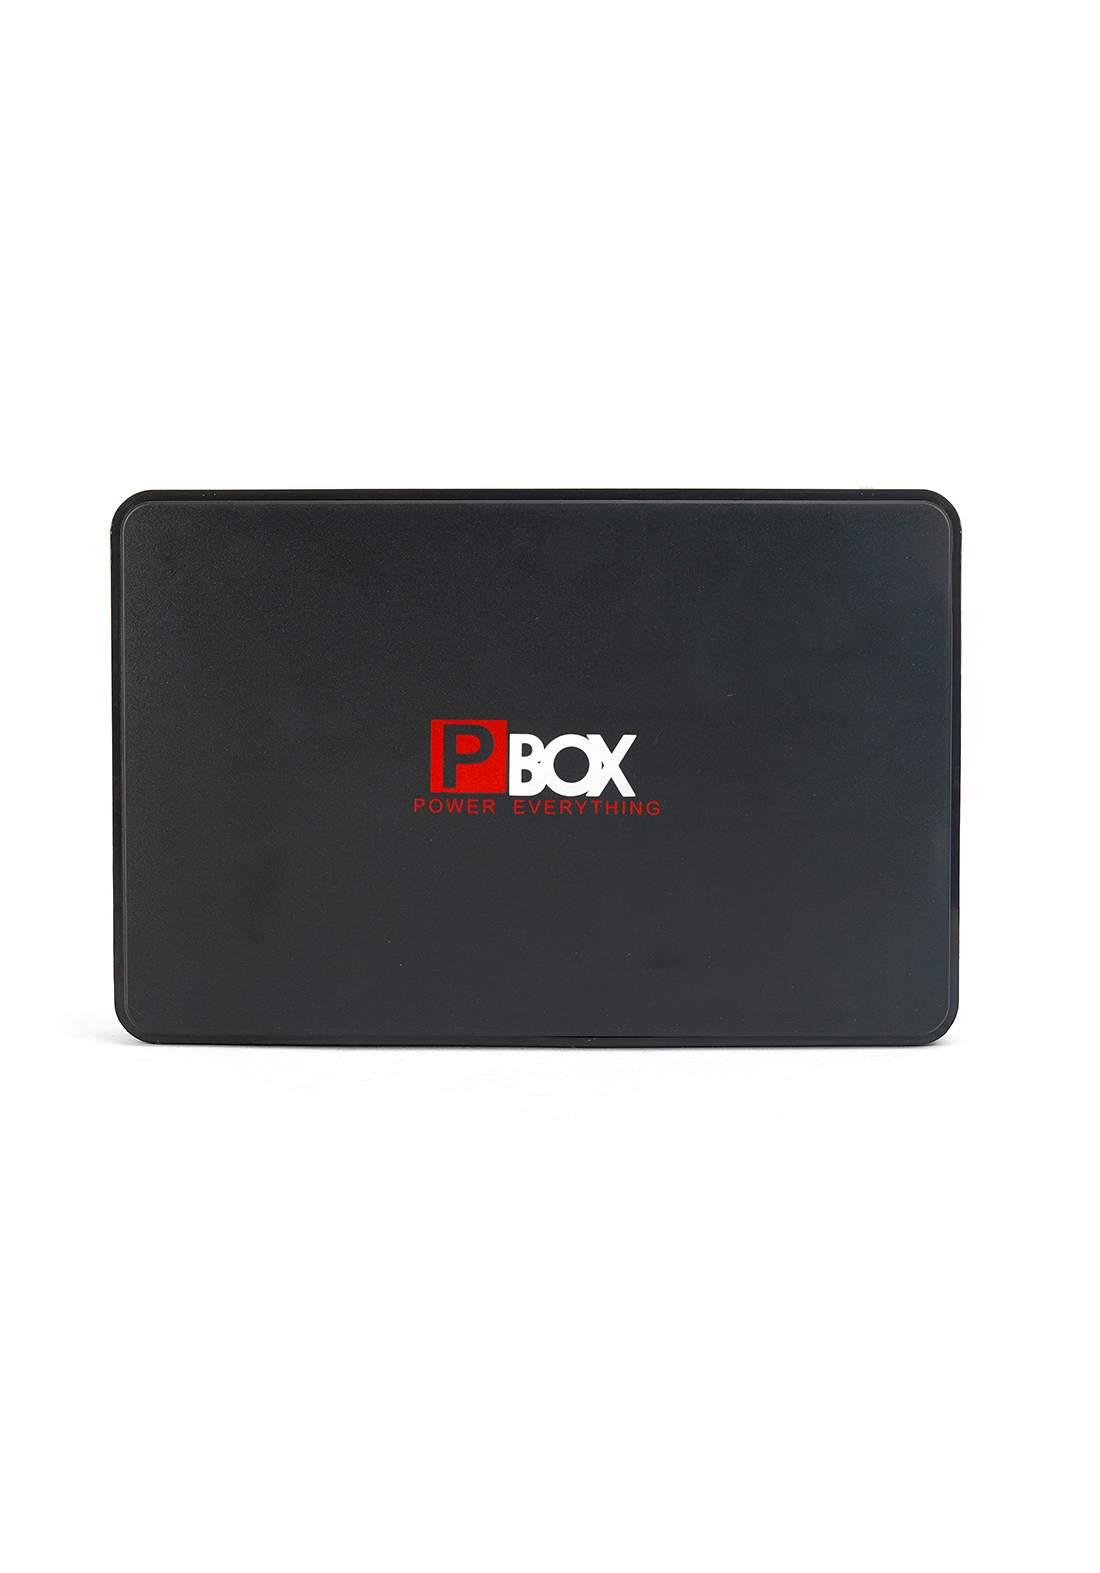 Shabakaty Power Box Uninterrupted Power Supply PBOX